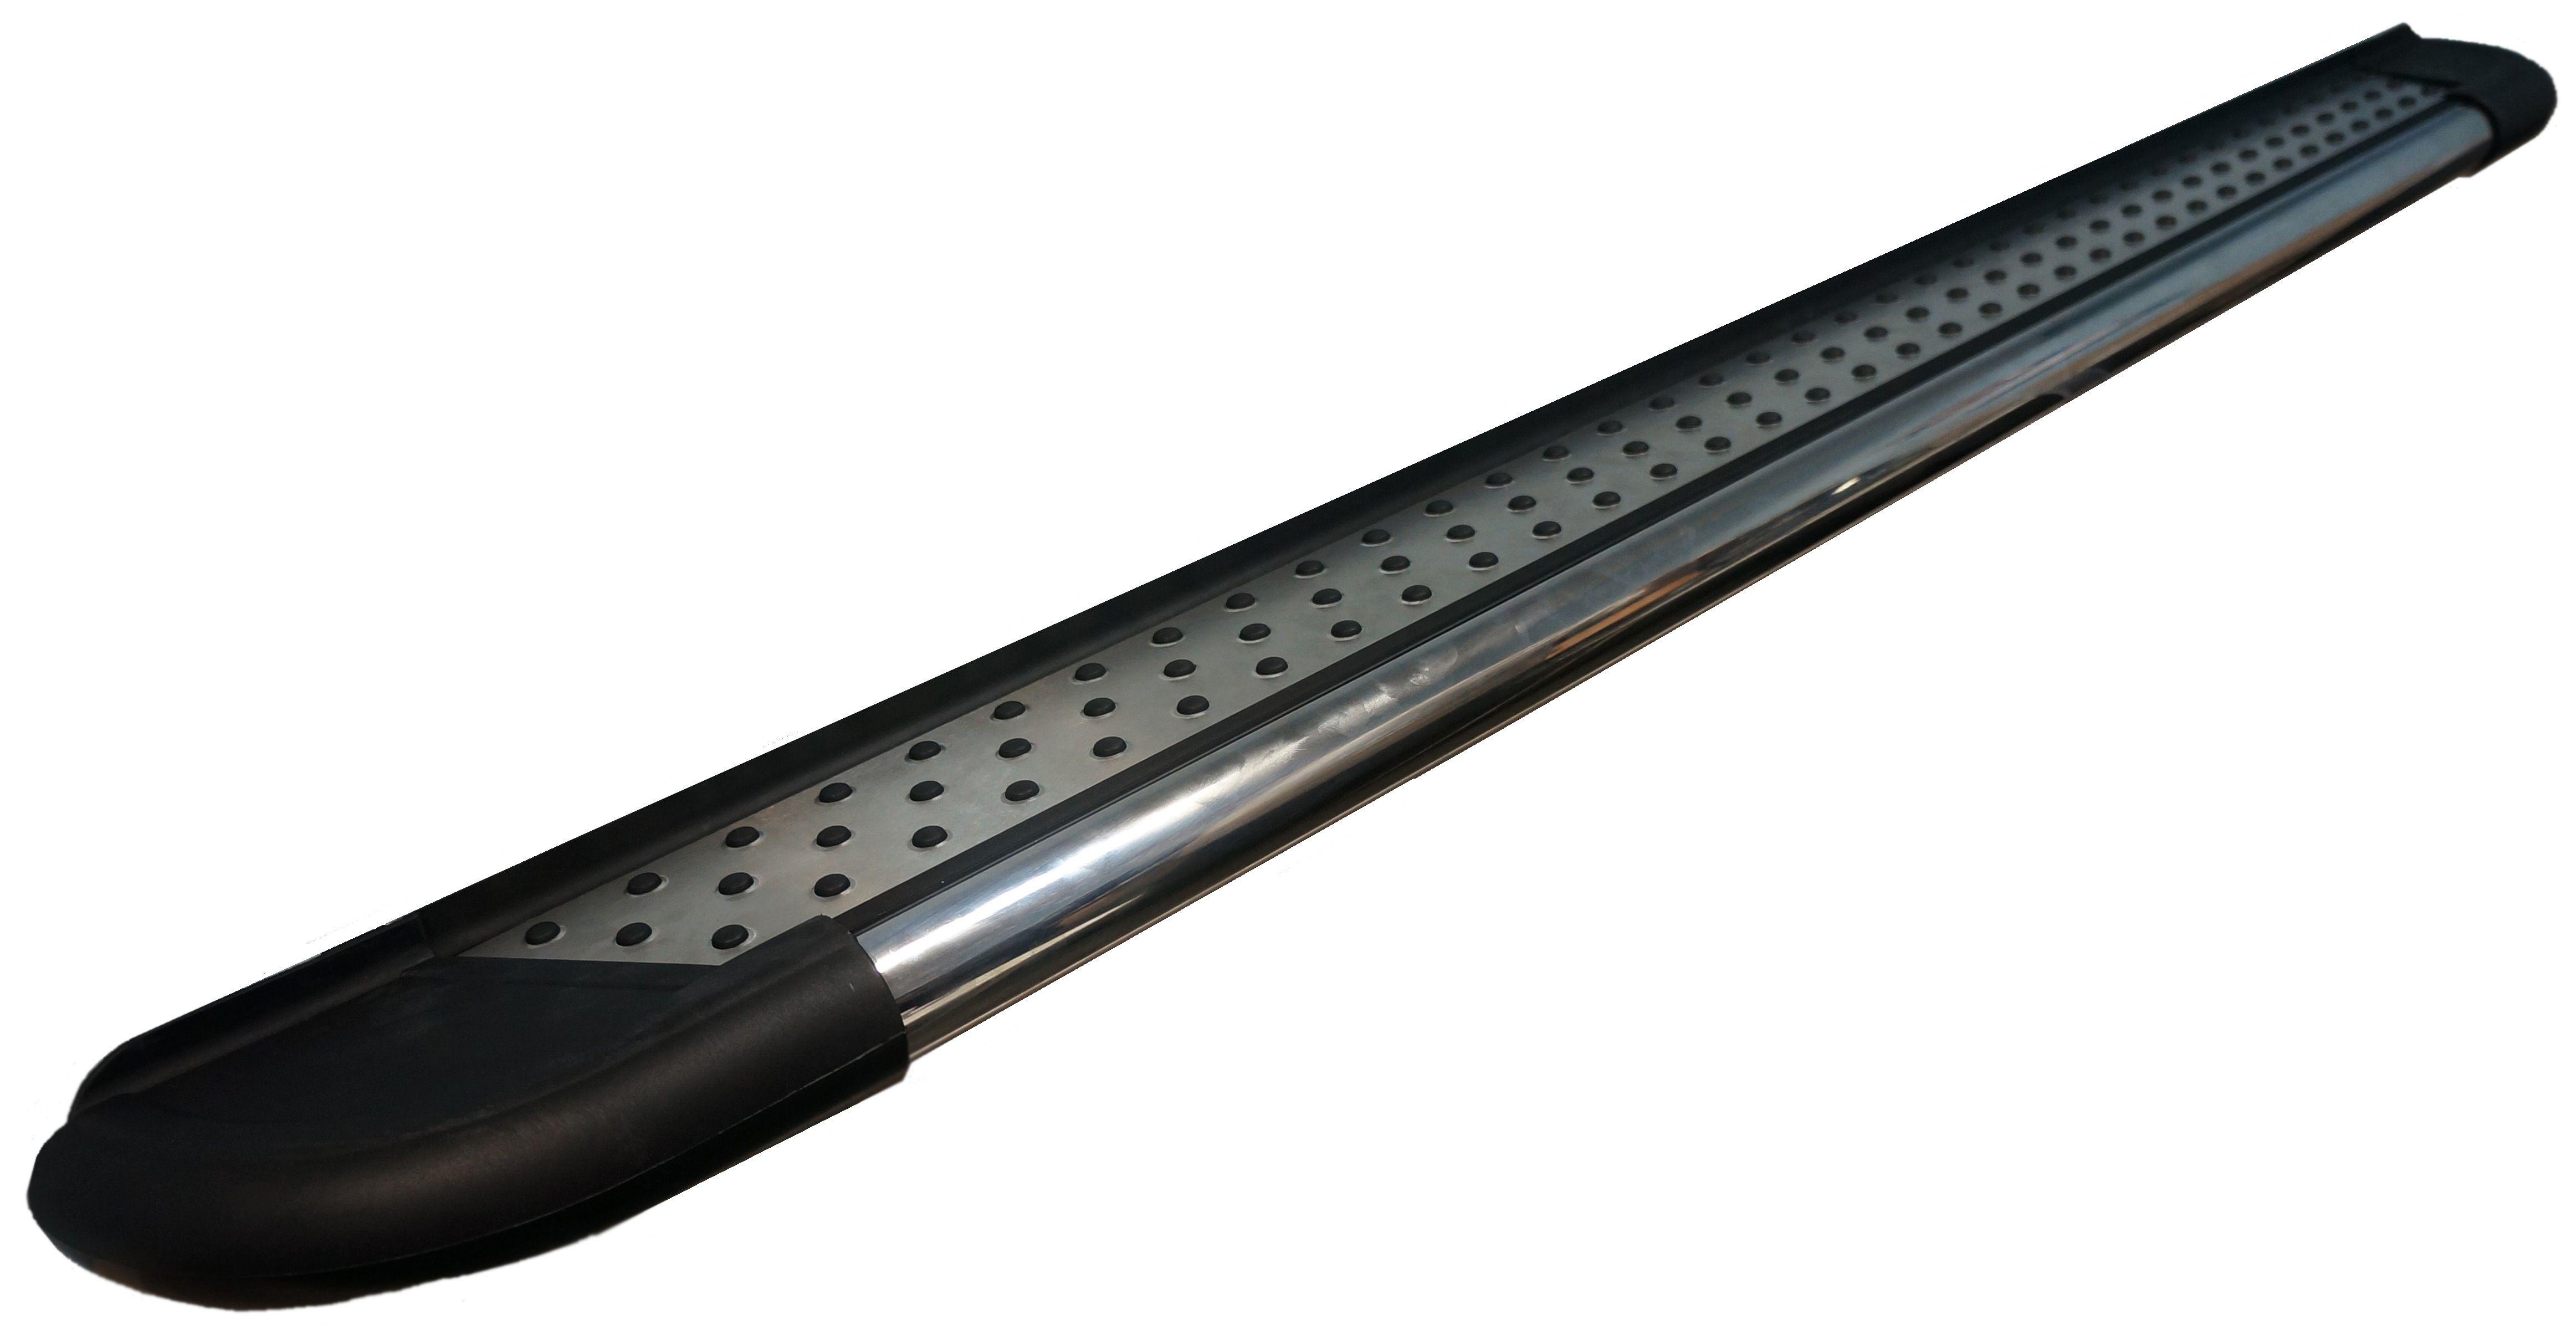 Пороги CAN OTOMOTIV алюминиевые (Topaz) Suzuki Grand Vitara (2006-2010-) от Ravta